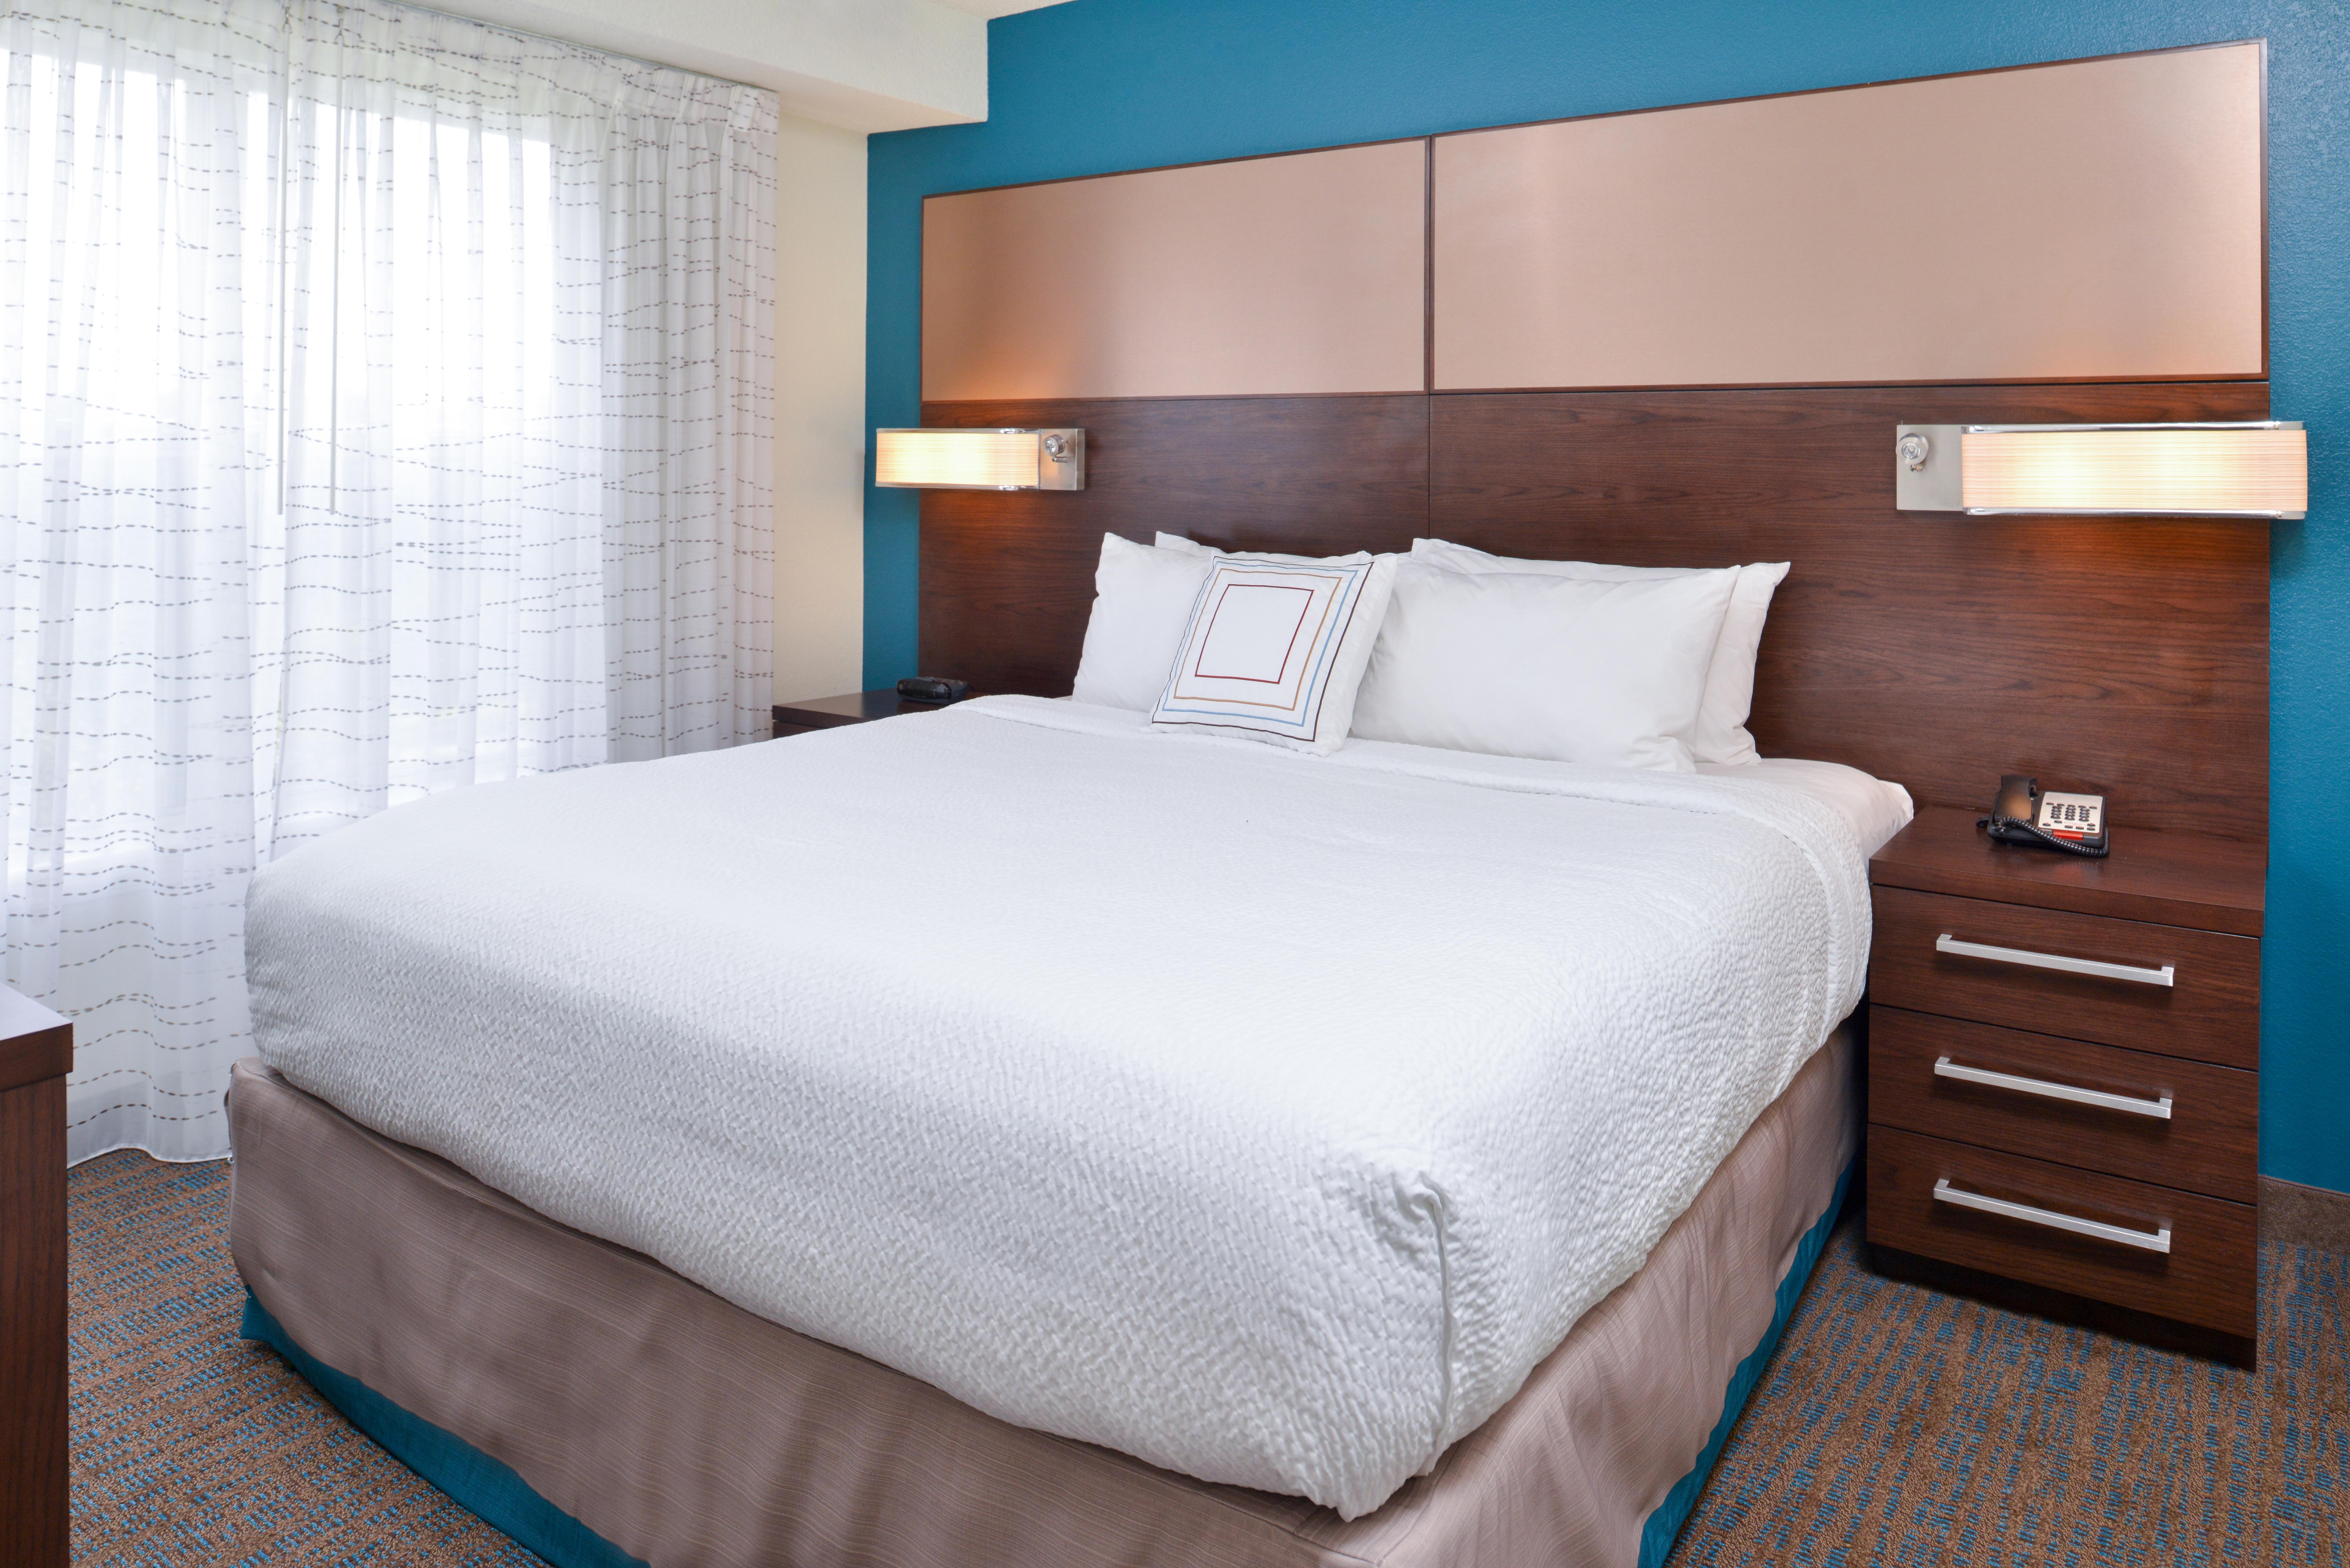 Residence Inn by Marriott Branson image 26